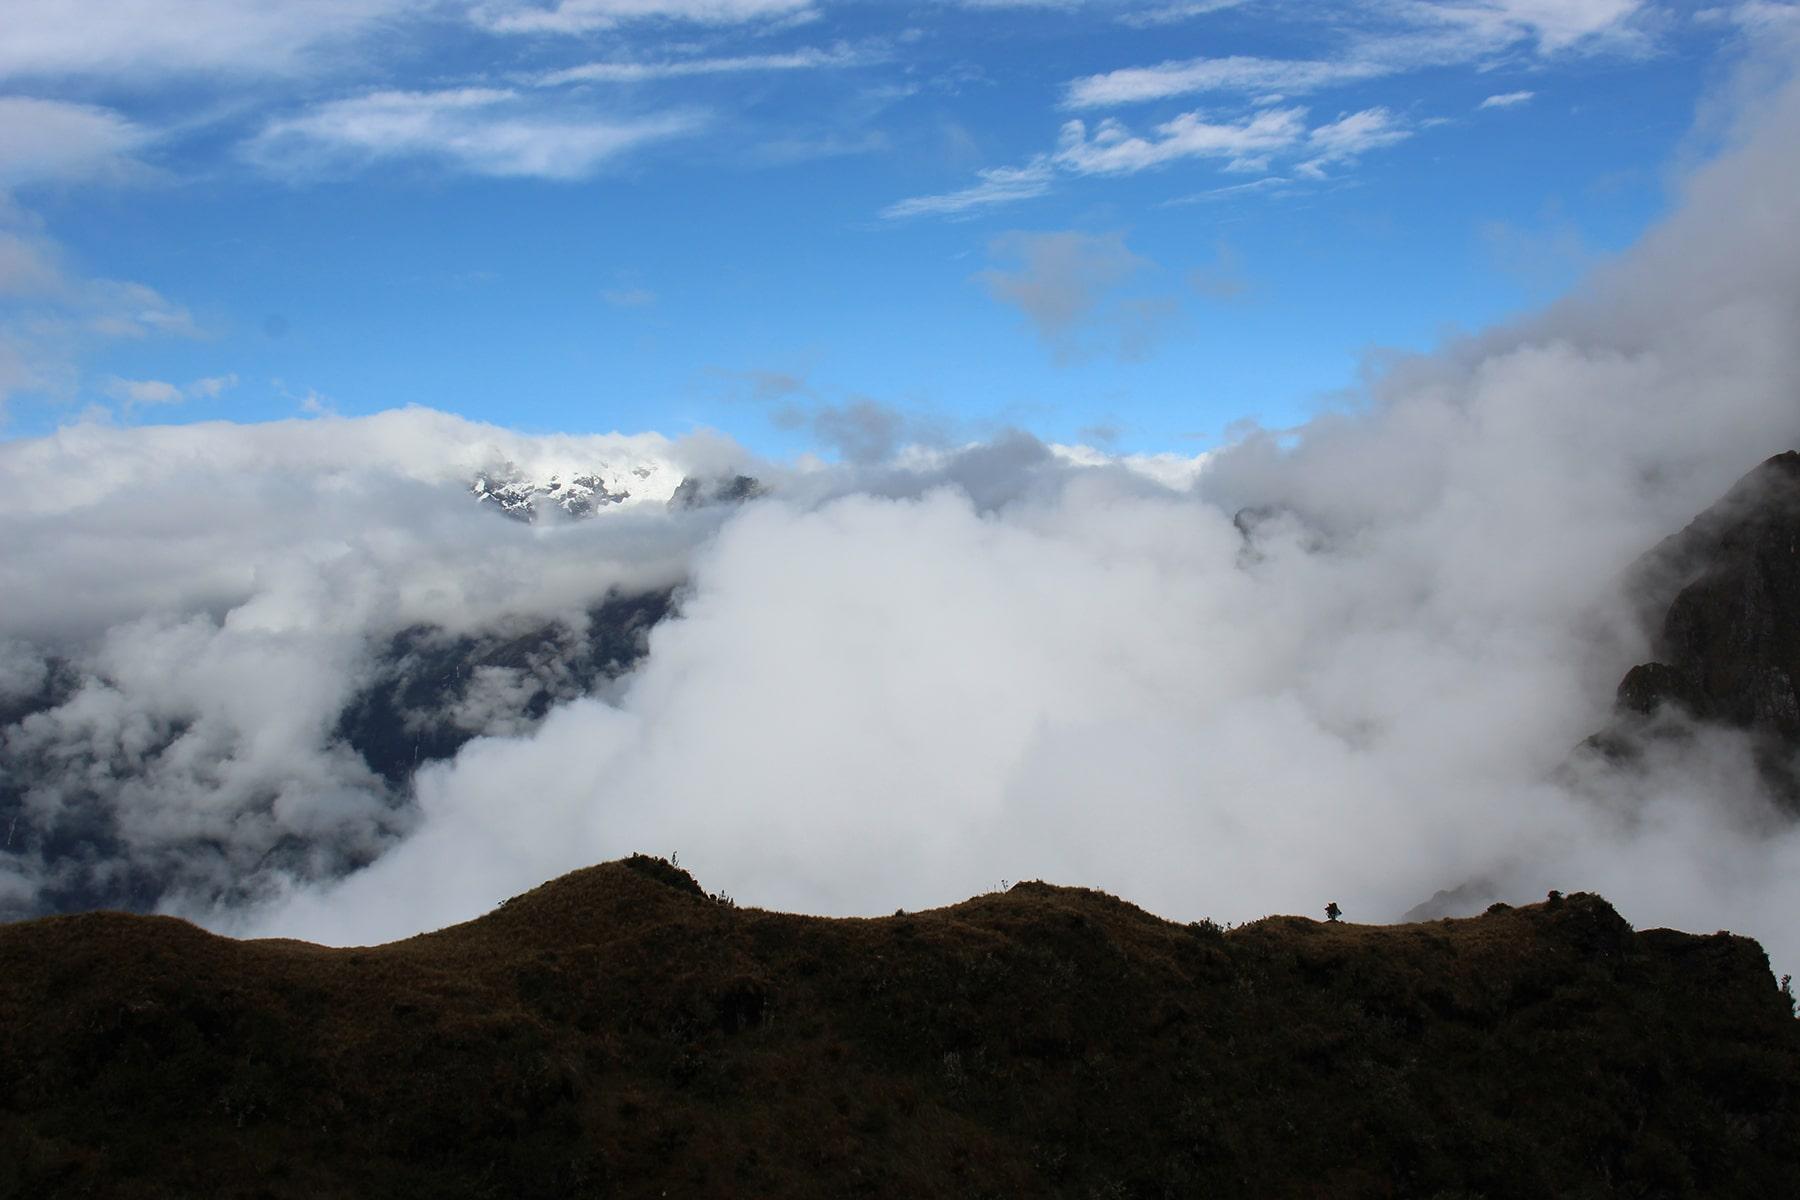 Le montagne innevate coperta dalle nuvole sull'inca trail